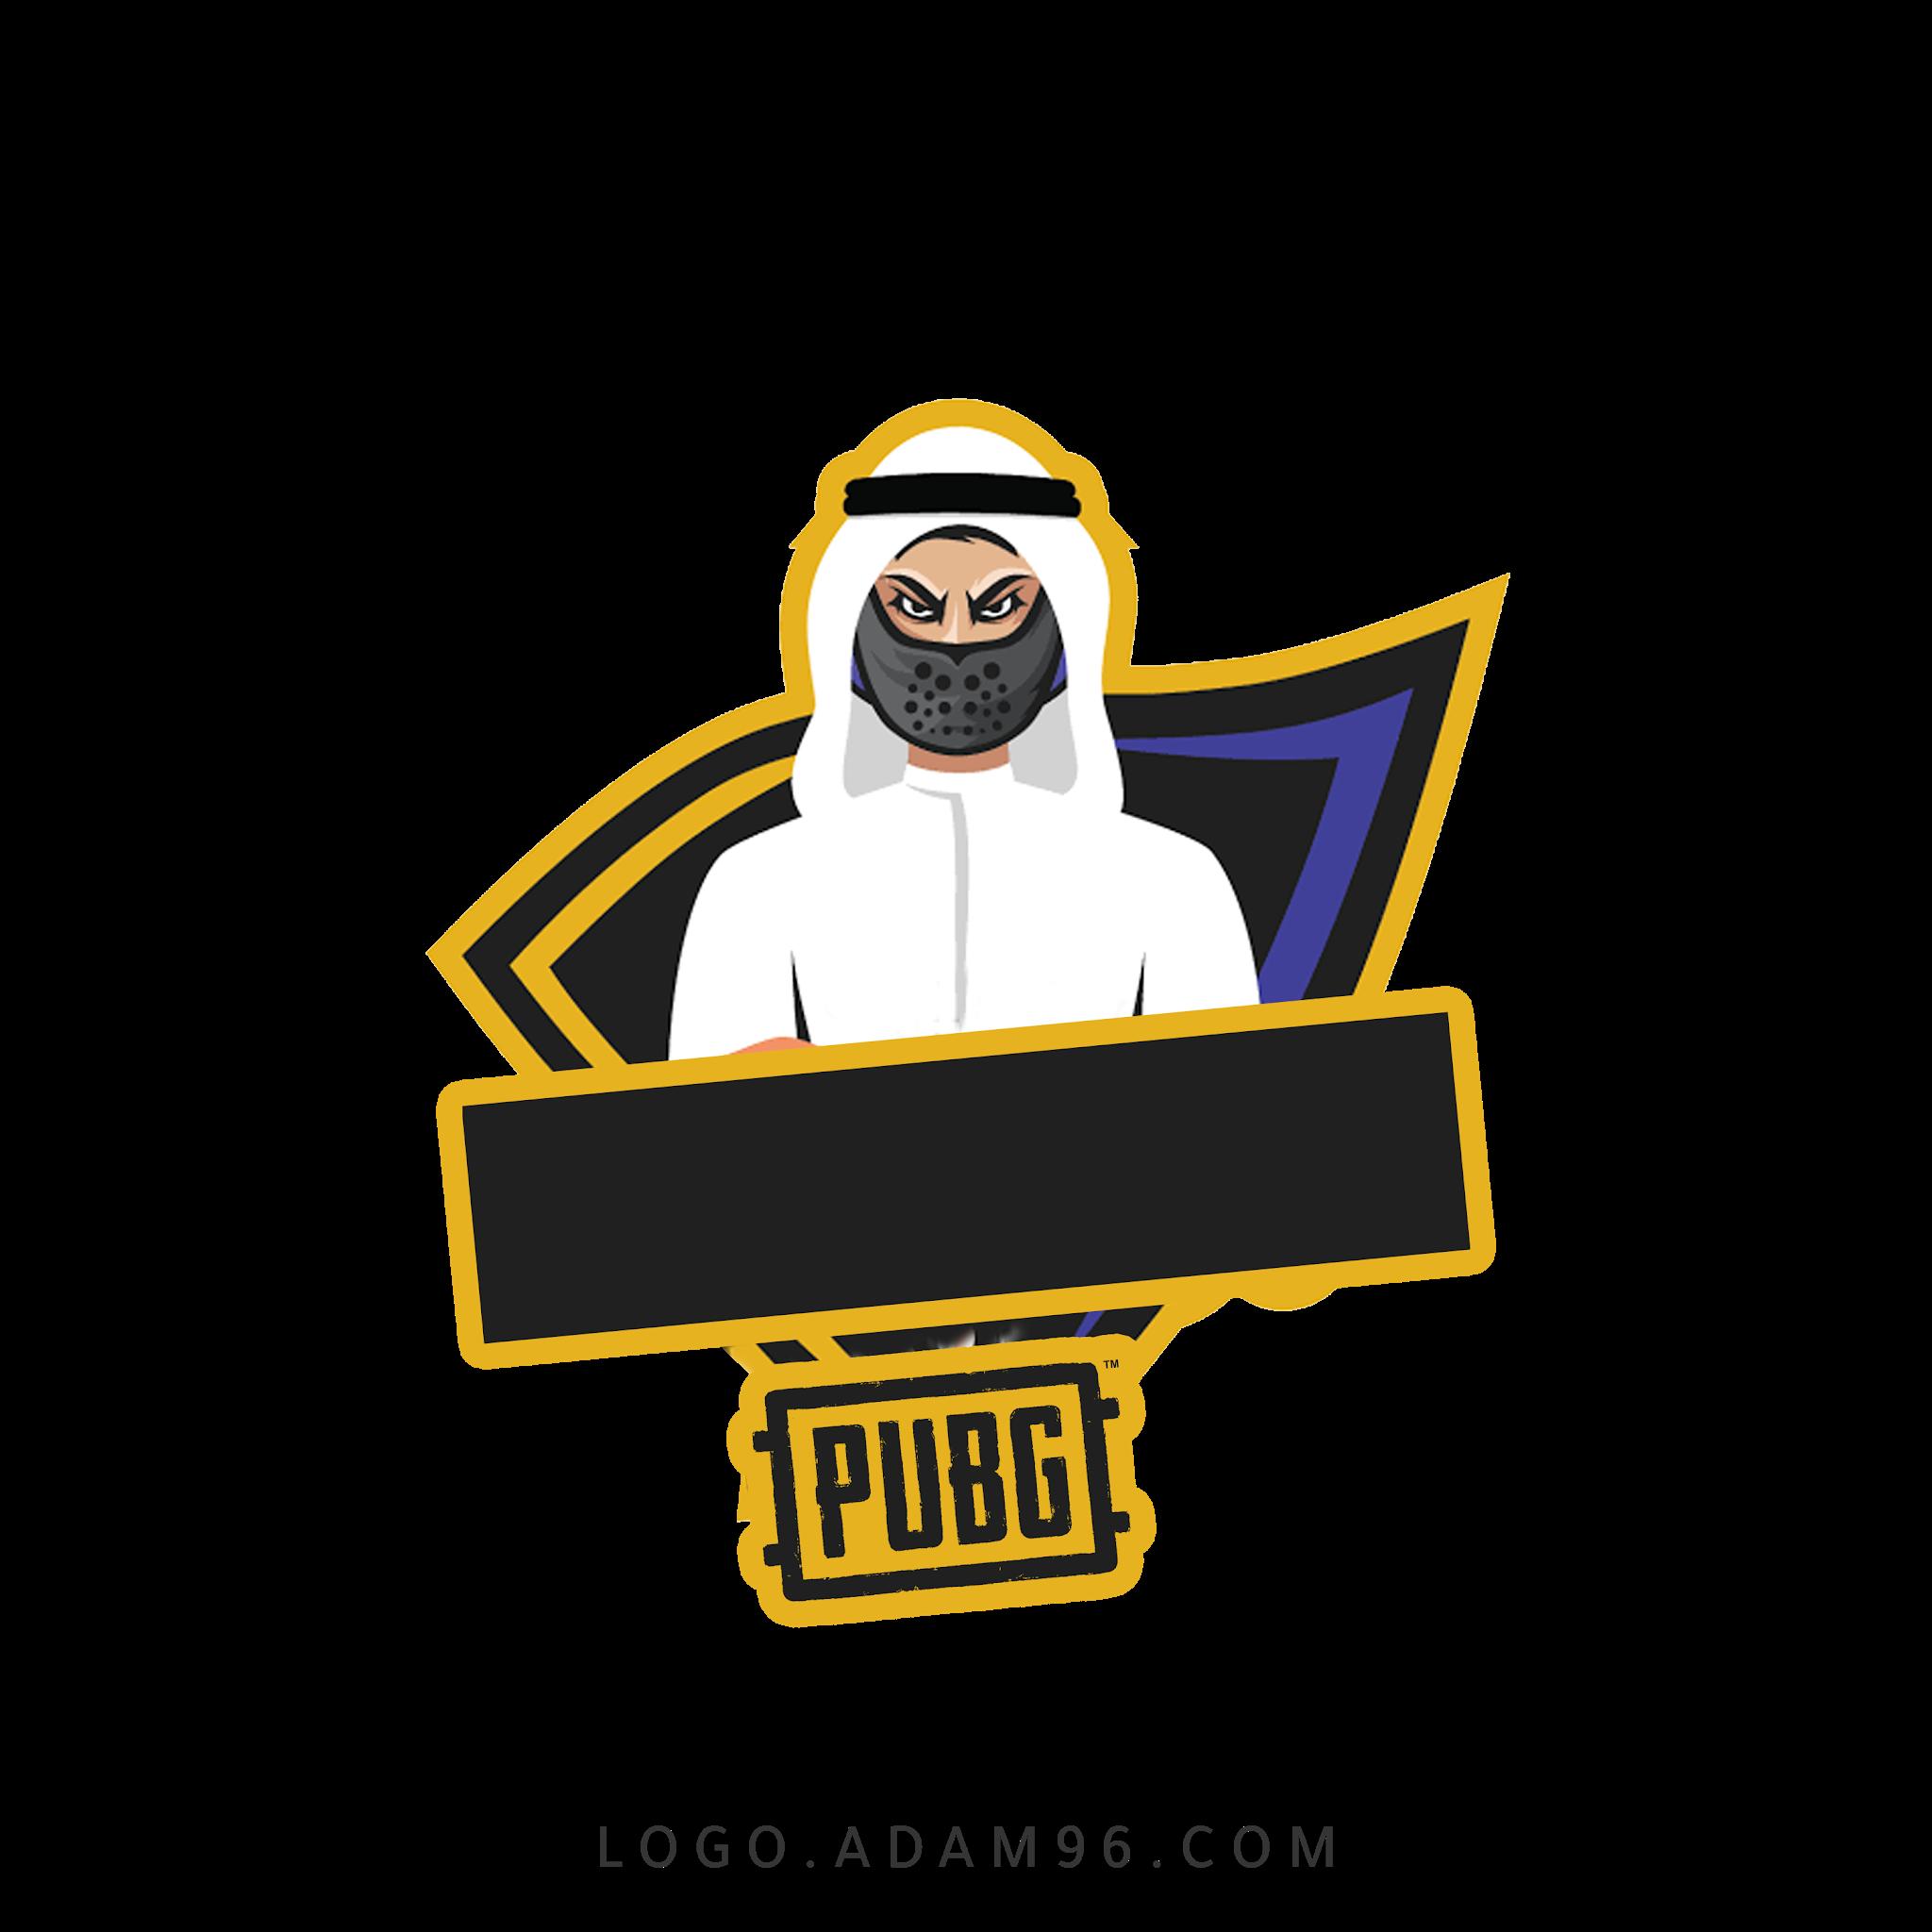 تحميل شعار ببجي الخليج لوجو ببجي رائع بدون اسم بصيغة شفافة PNG